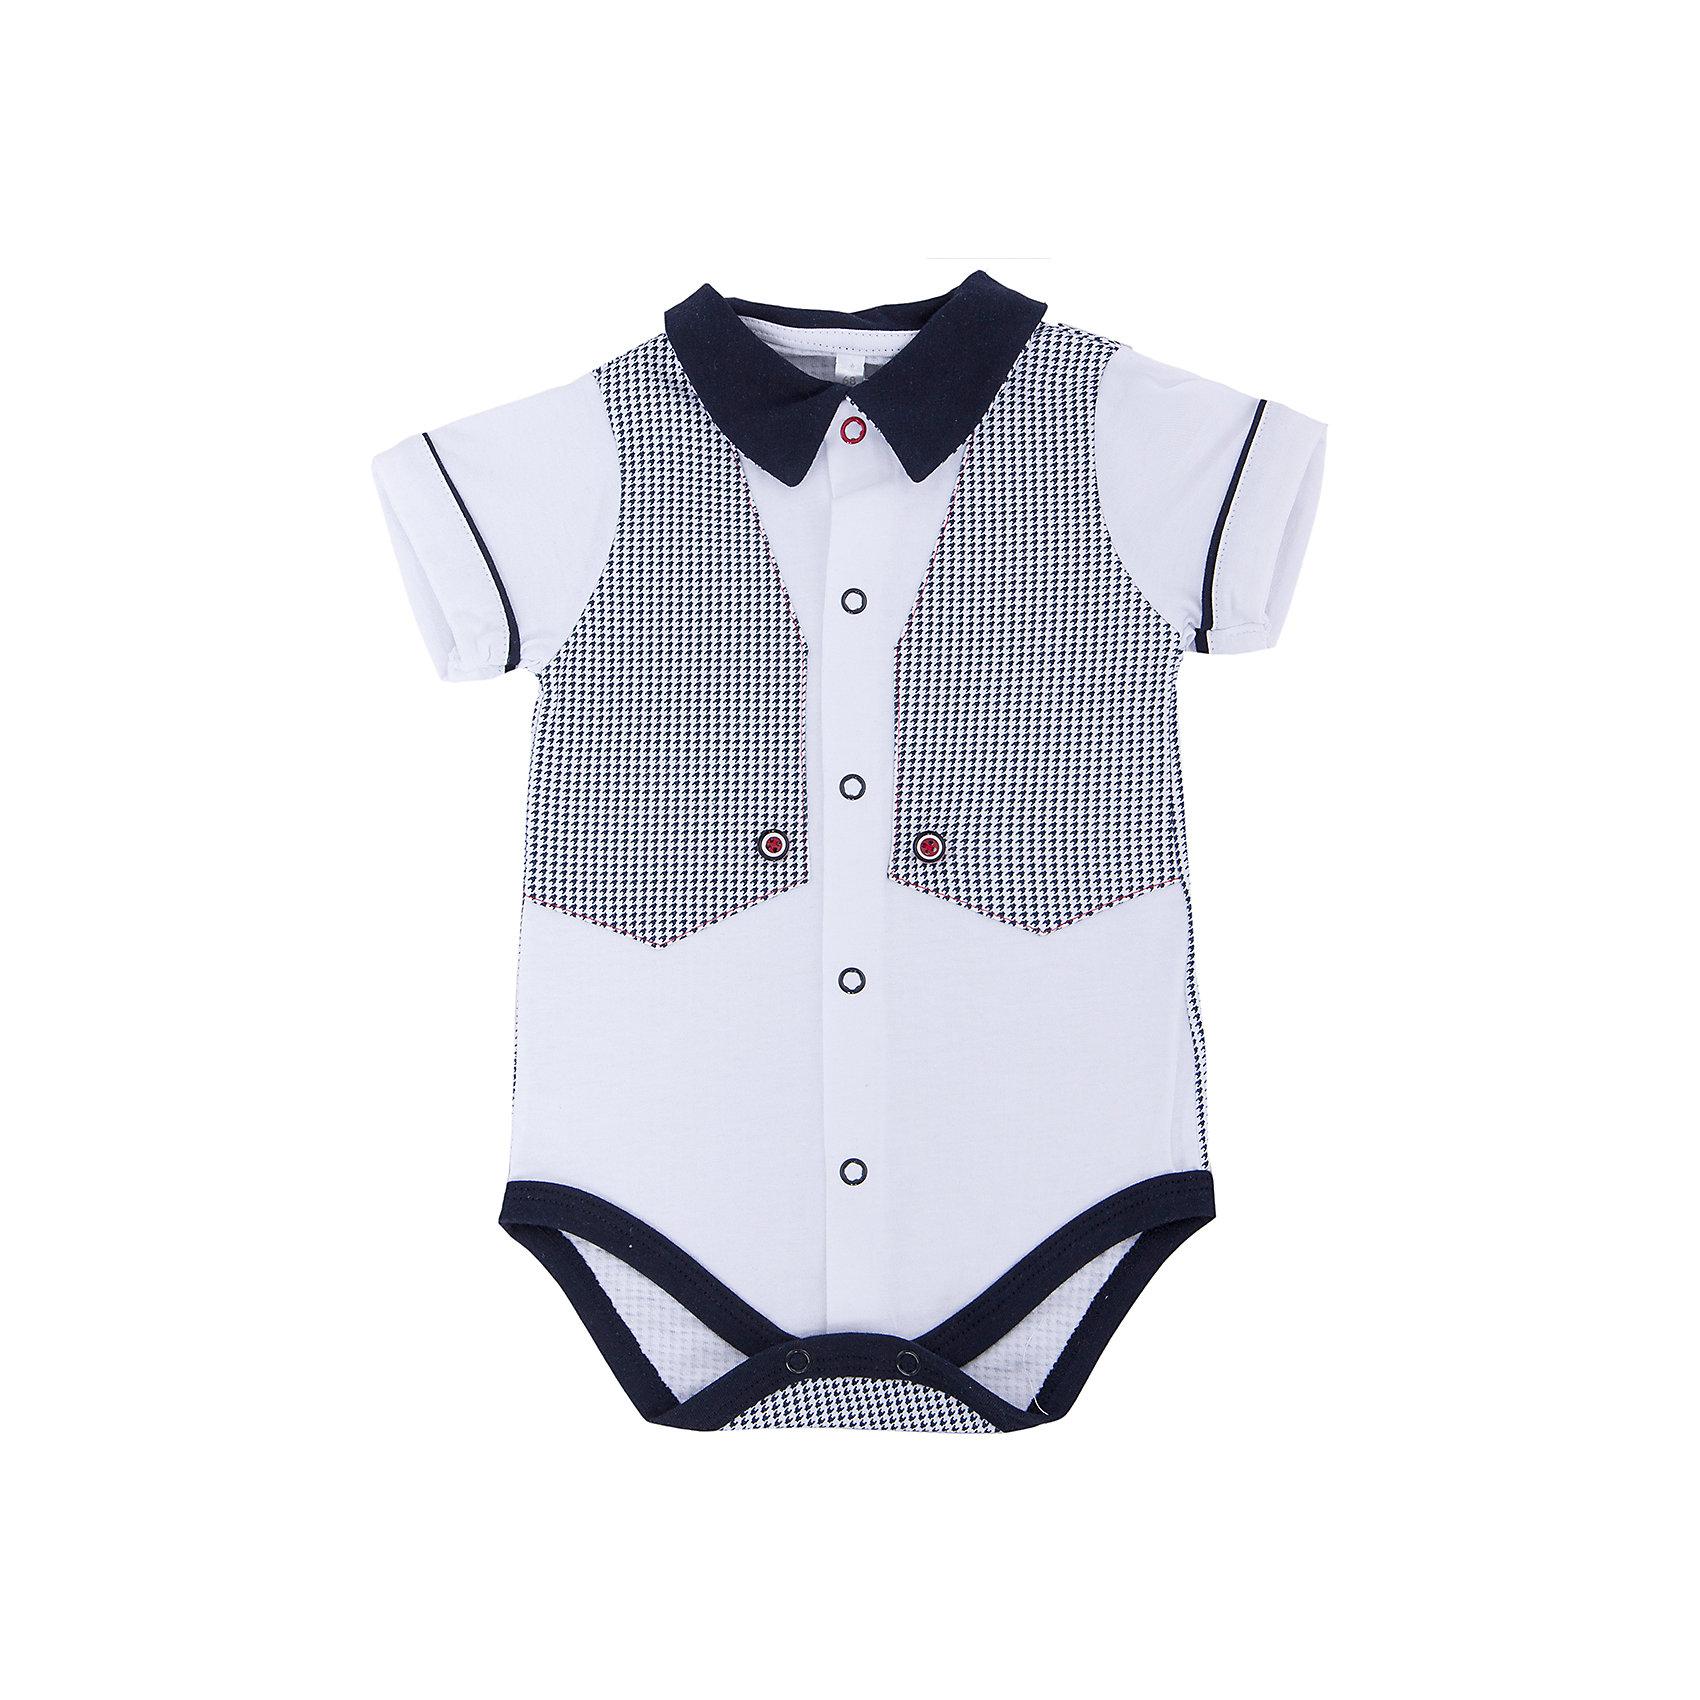 Боди для мальчика Soni KidsБоди для мальчика от популярной марки Soni Kids <br> <br>Стильное боди в черно-белой гамме сшито из мягкого дышащего хлопка. Это гипоаллергенный материал, который отлично подходит для детской одежды. Правильный крой обеспечит ребенку удобство, не будет натирать и стеснять движения. <br> <br>Особенности модели: <br> <br>- цвет - белый; <br>- материал - натуральный хлопок; <br>- черная отделка; <br>- имитация жилета; <br>- мягкая окантовка; <br>- отложной воротник; <br>- рукава короткие, с отделкой; <br>- застежки - кнопки впереди и внизу. <br> <br>Дополнительная информация: <br> <br>Состав: 100% хлопок <br> <br>Боди для мальчика от популярной марки Soni Kids (Сони Кидс) можно купить в нашем магазине.<br><br>Ширина мм: 157<br>Глубина мм: 13<br>Высота мм: 119<br>Вес г: 200<br>Цвет: белый/серый<br>Возраст от месяцев: 2<br>Возраст до месяцев: 5<br>Пол: Мужской<br>Возраст: Детский<br>Размер: 62,86,68,74,80<br>SKU: 4545021